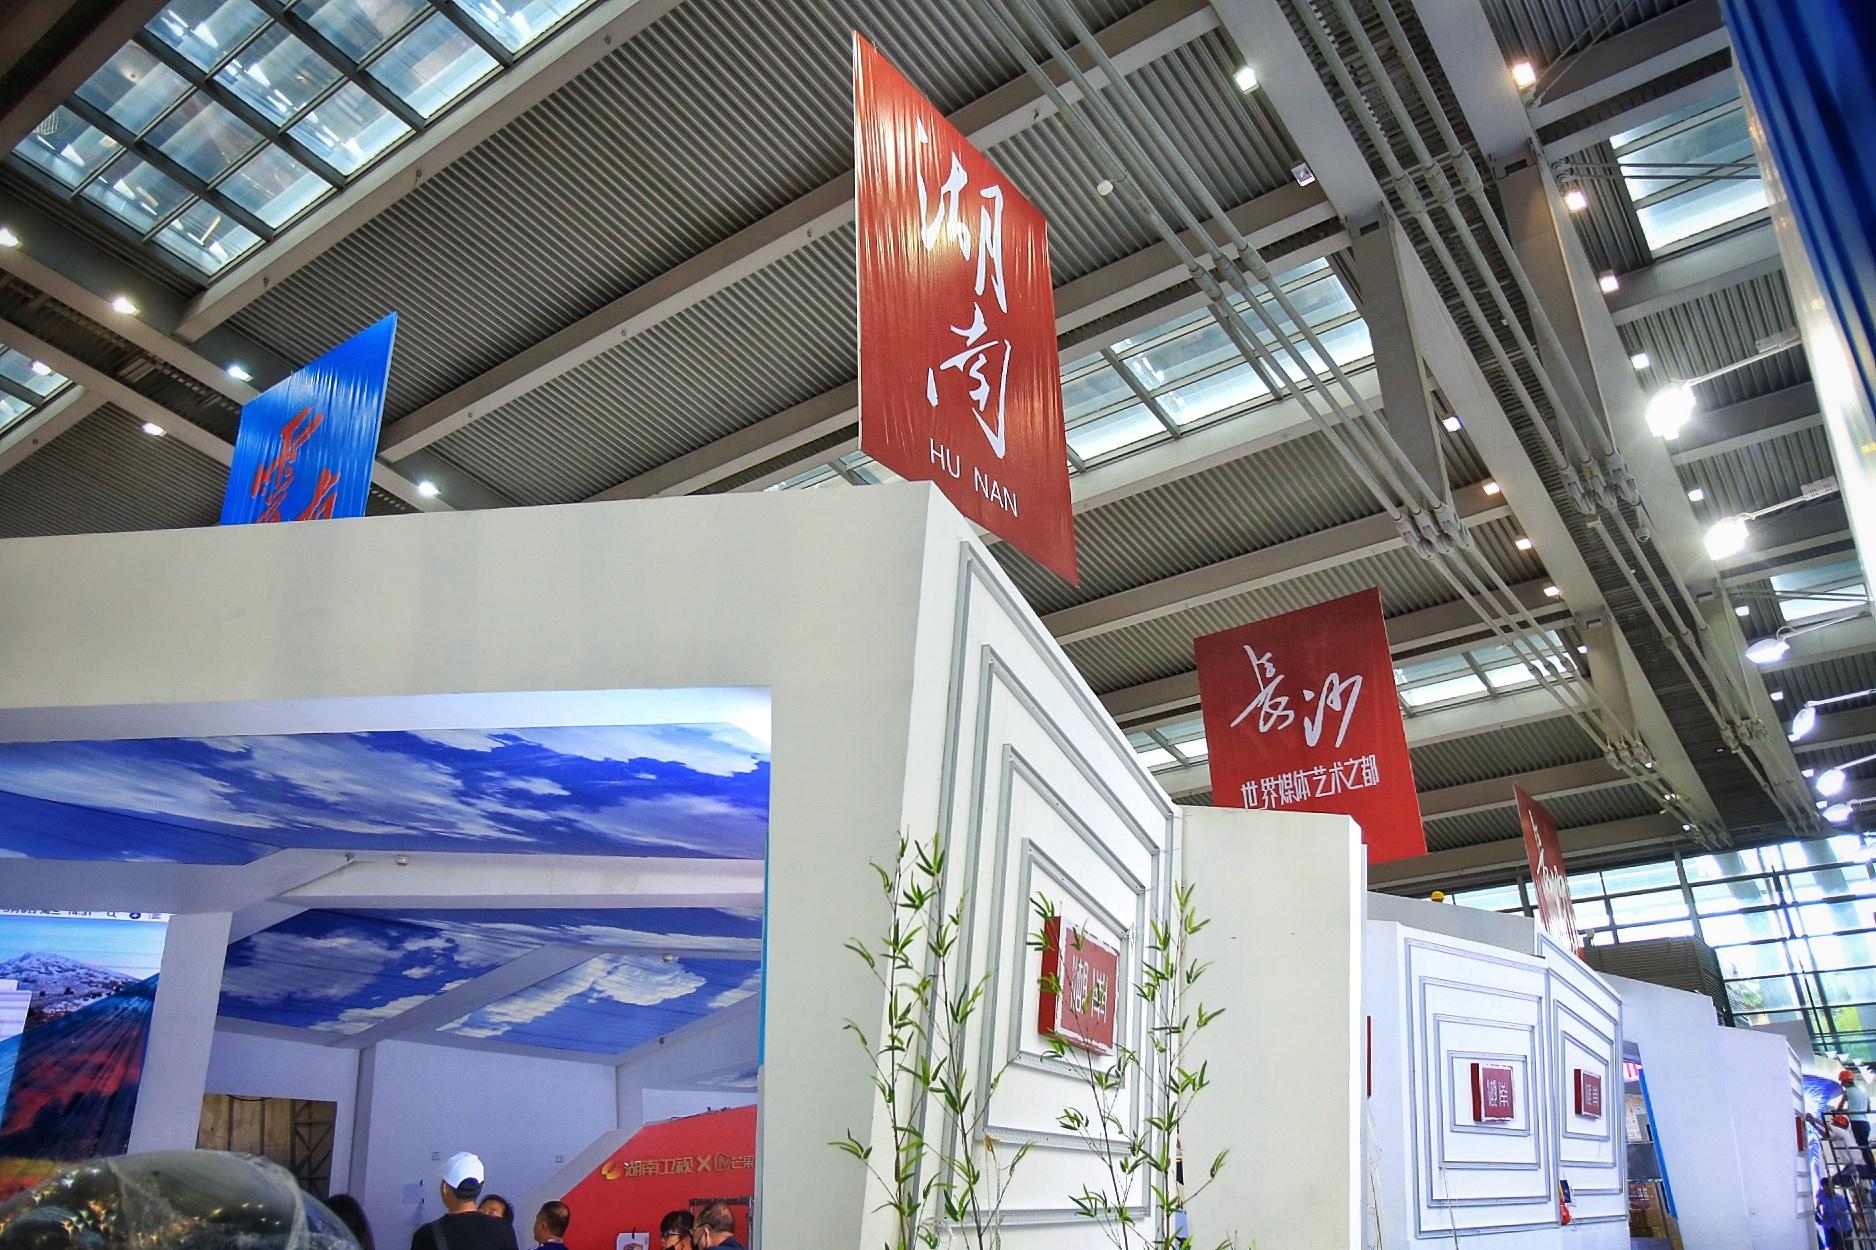 文博会5月10日深圳开幕!湖南馆的亮点提前了解一波